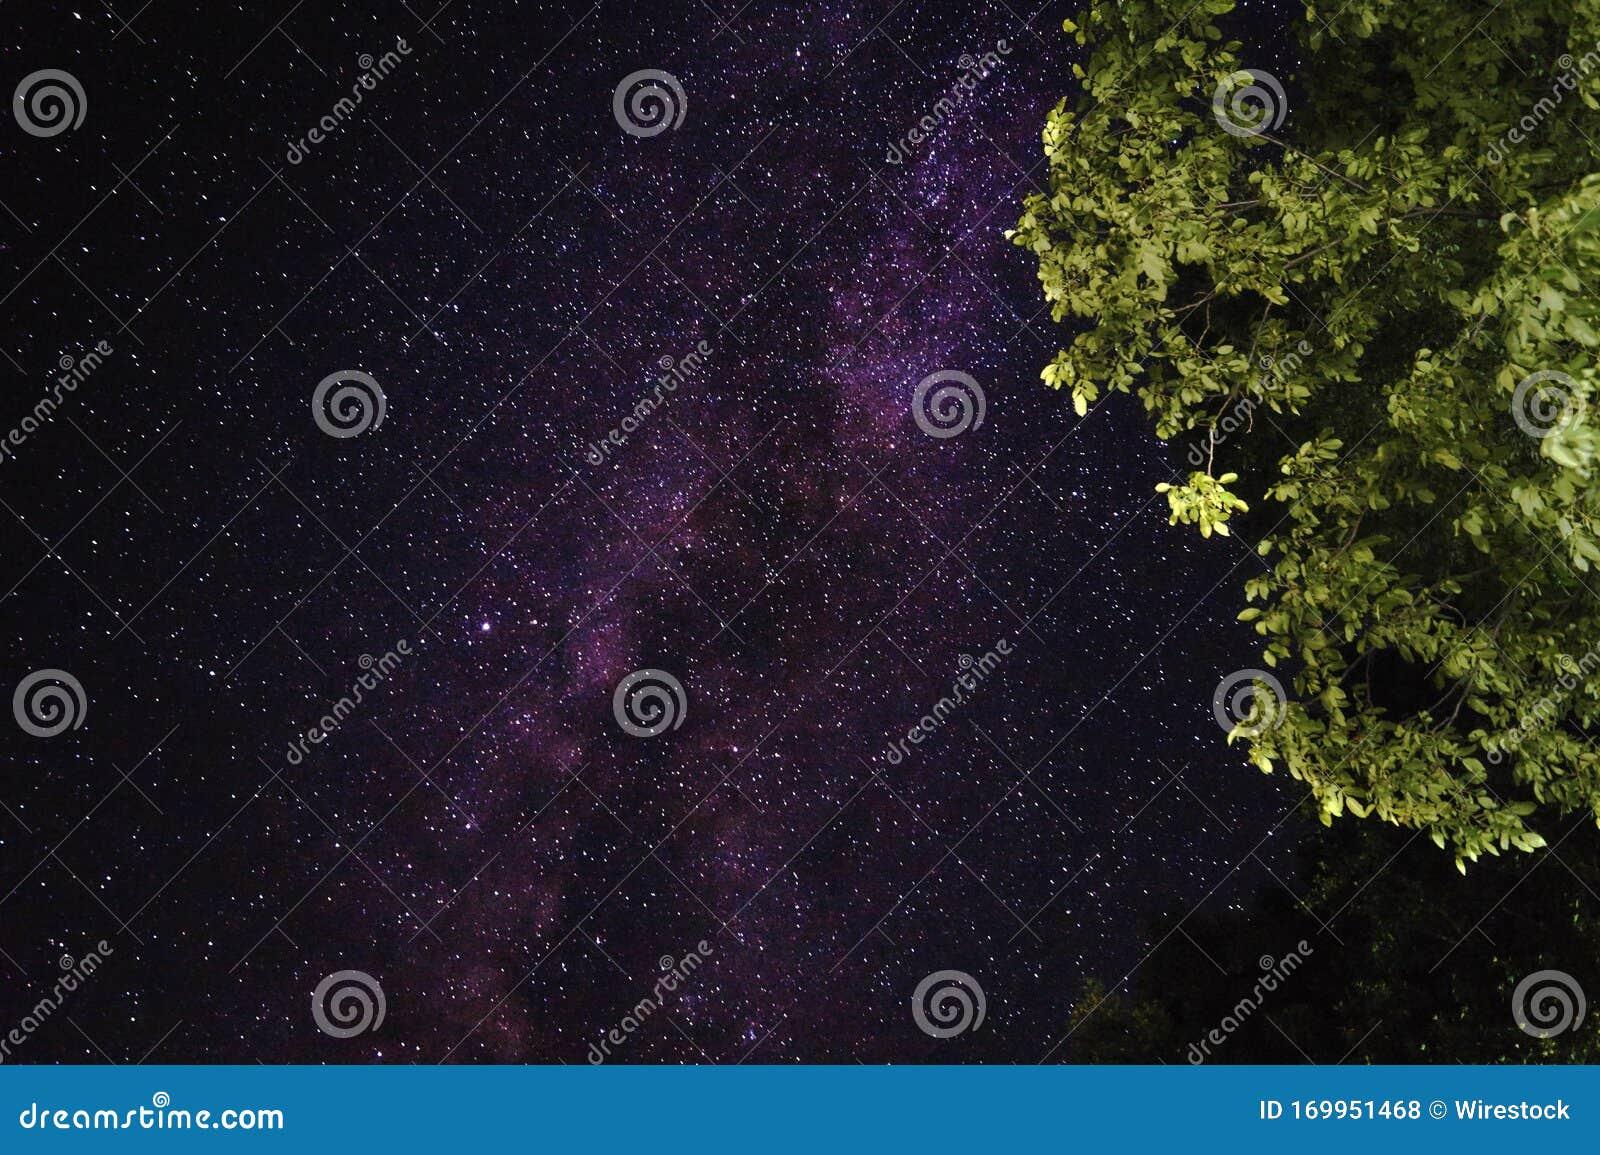 Green Tree And The Velvet Sky Full Of Stars In The Background